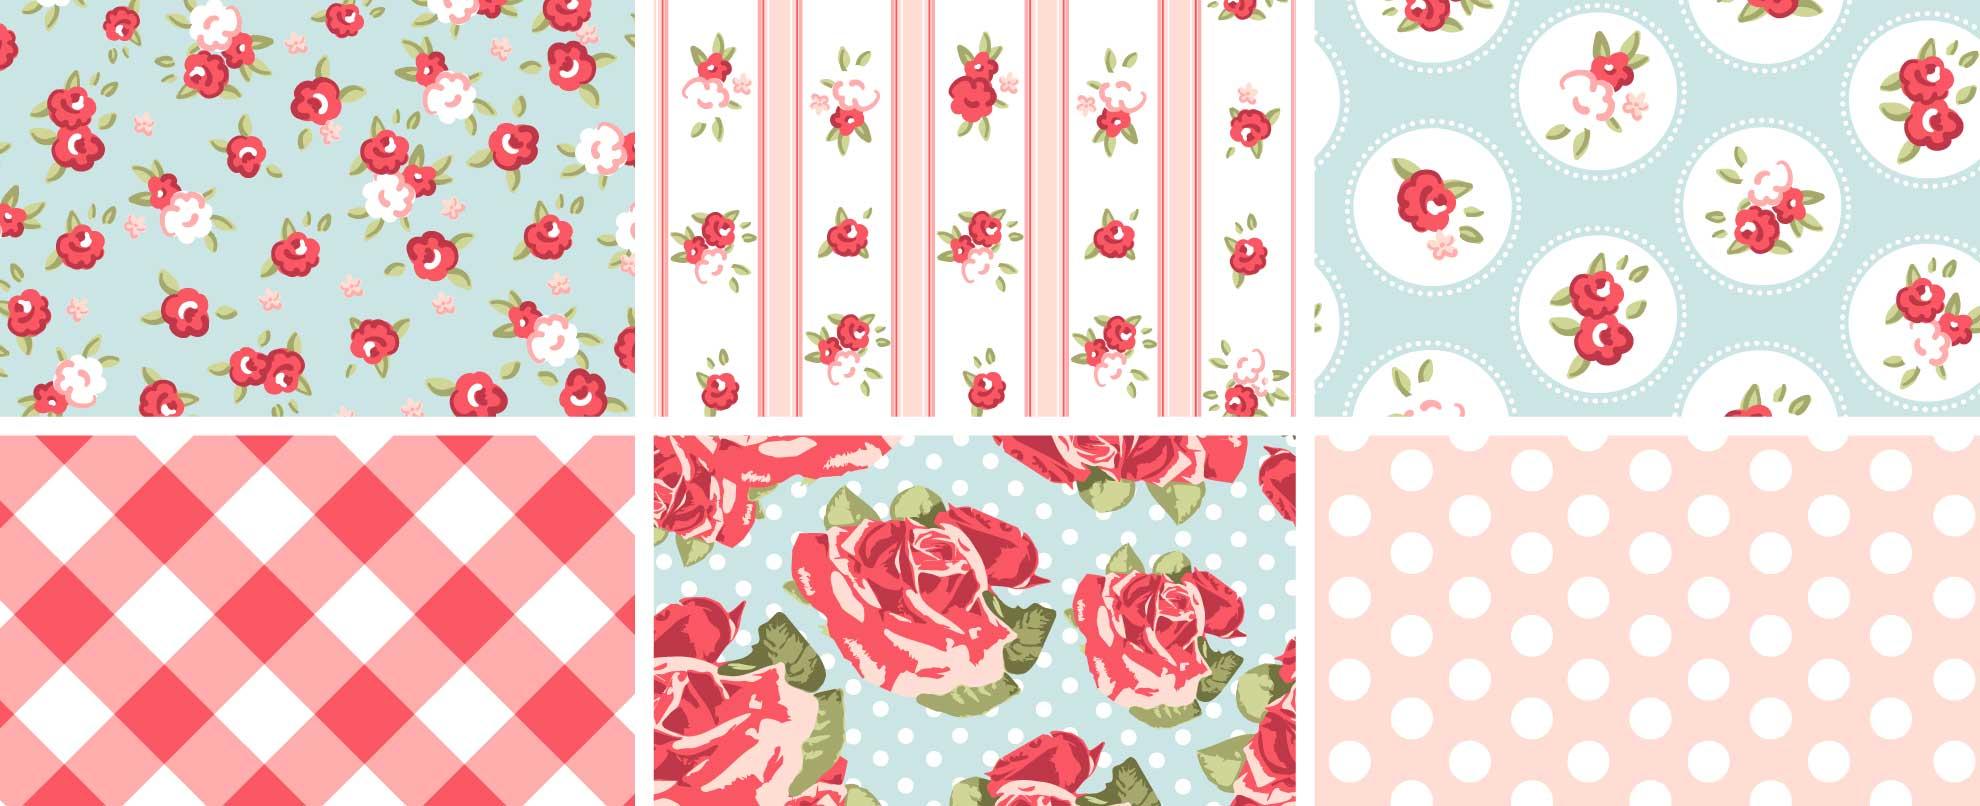 Digital Fabric Printing | Fabricprintingthailand com